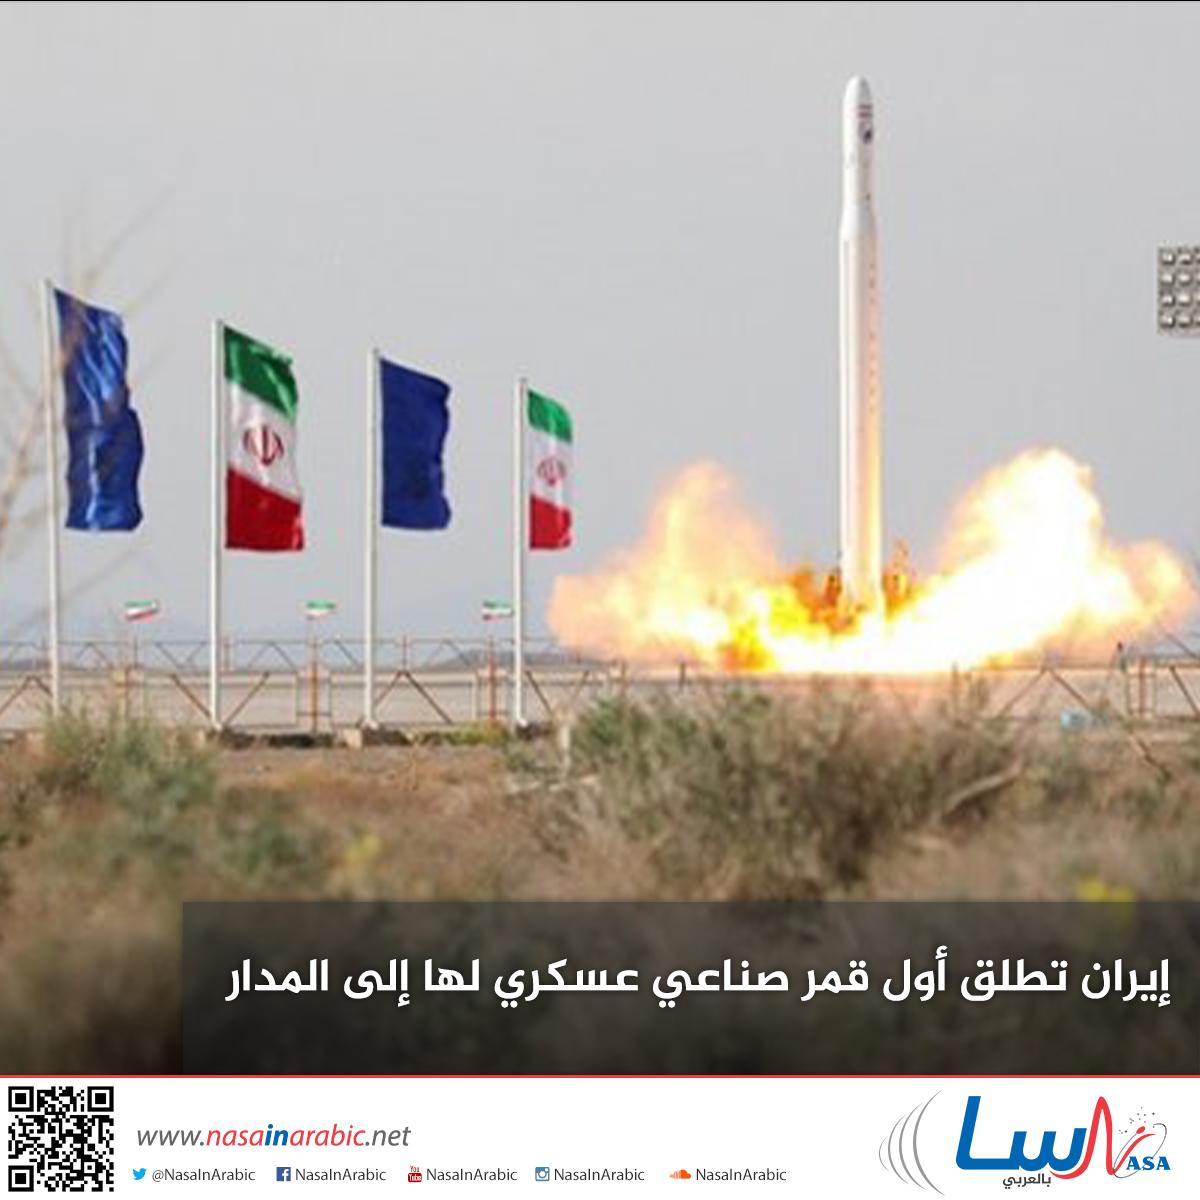 إيران تطلق أول قمر صناعي عسكري لها إلى المدار